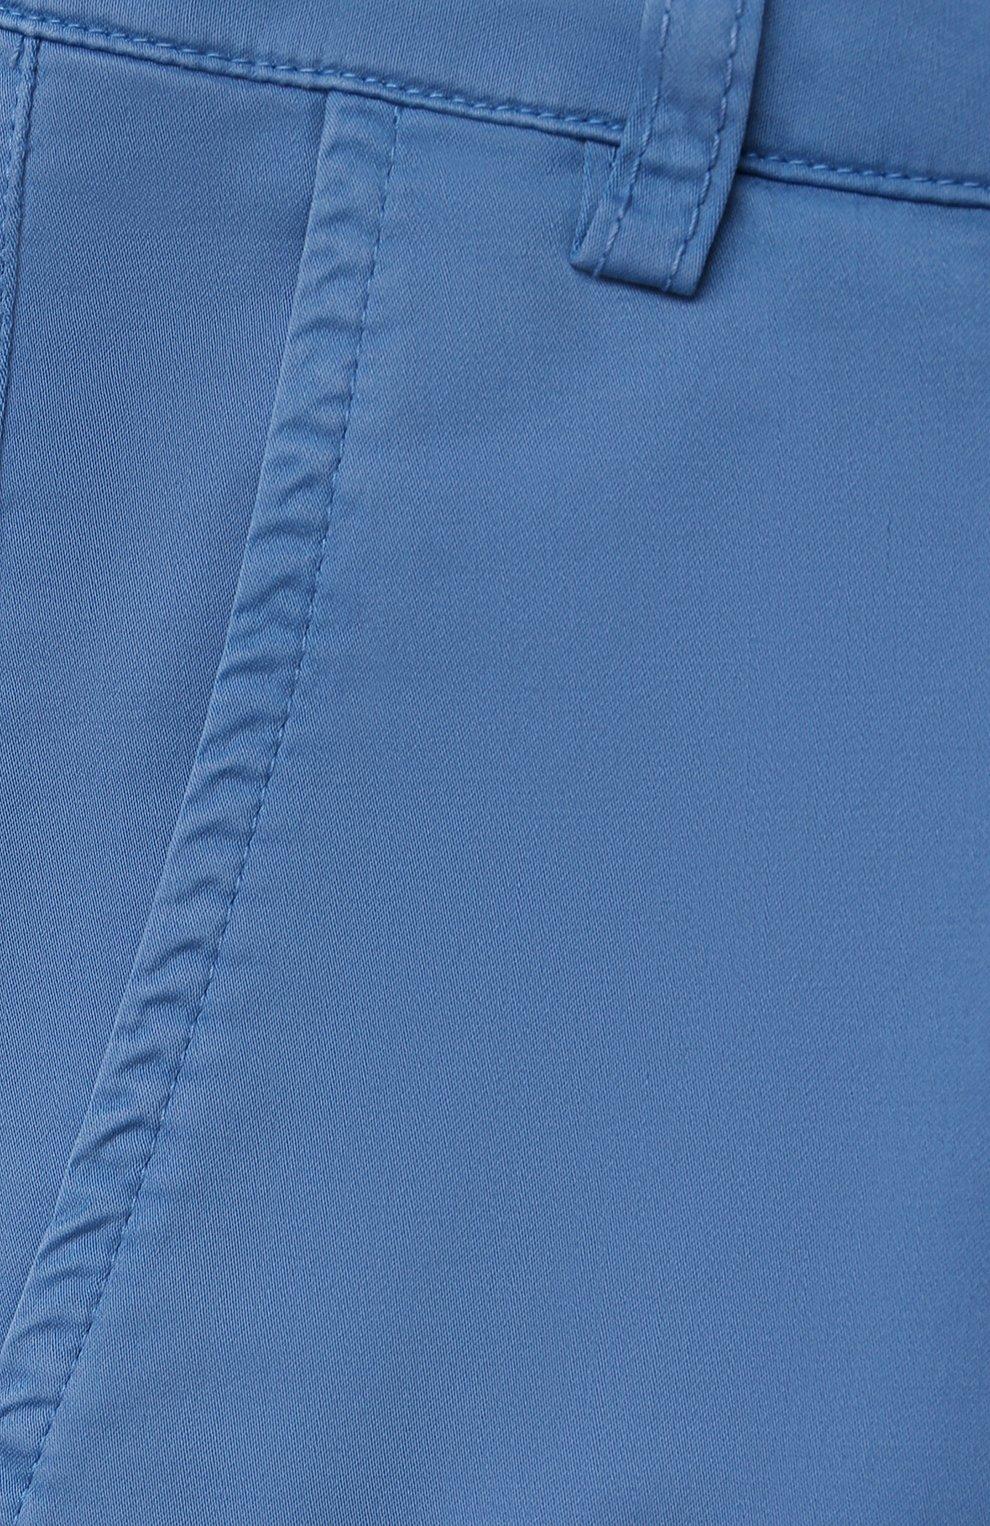 Детский комплект из четырех предметов ALETTA голубого цвета, арт. SET15A5/4A-8A | Фото 11